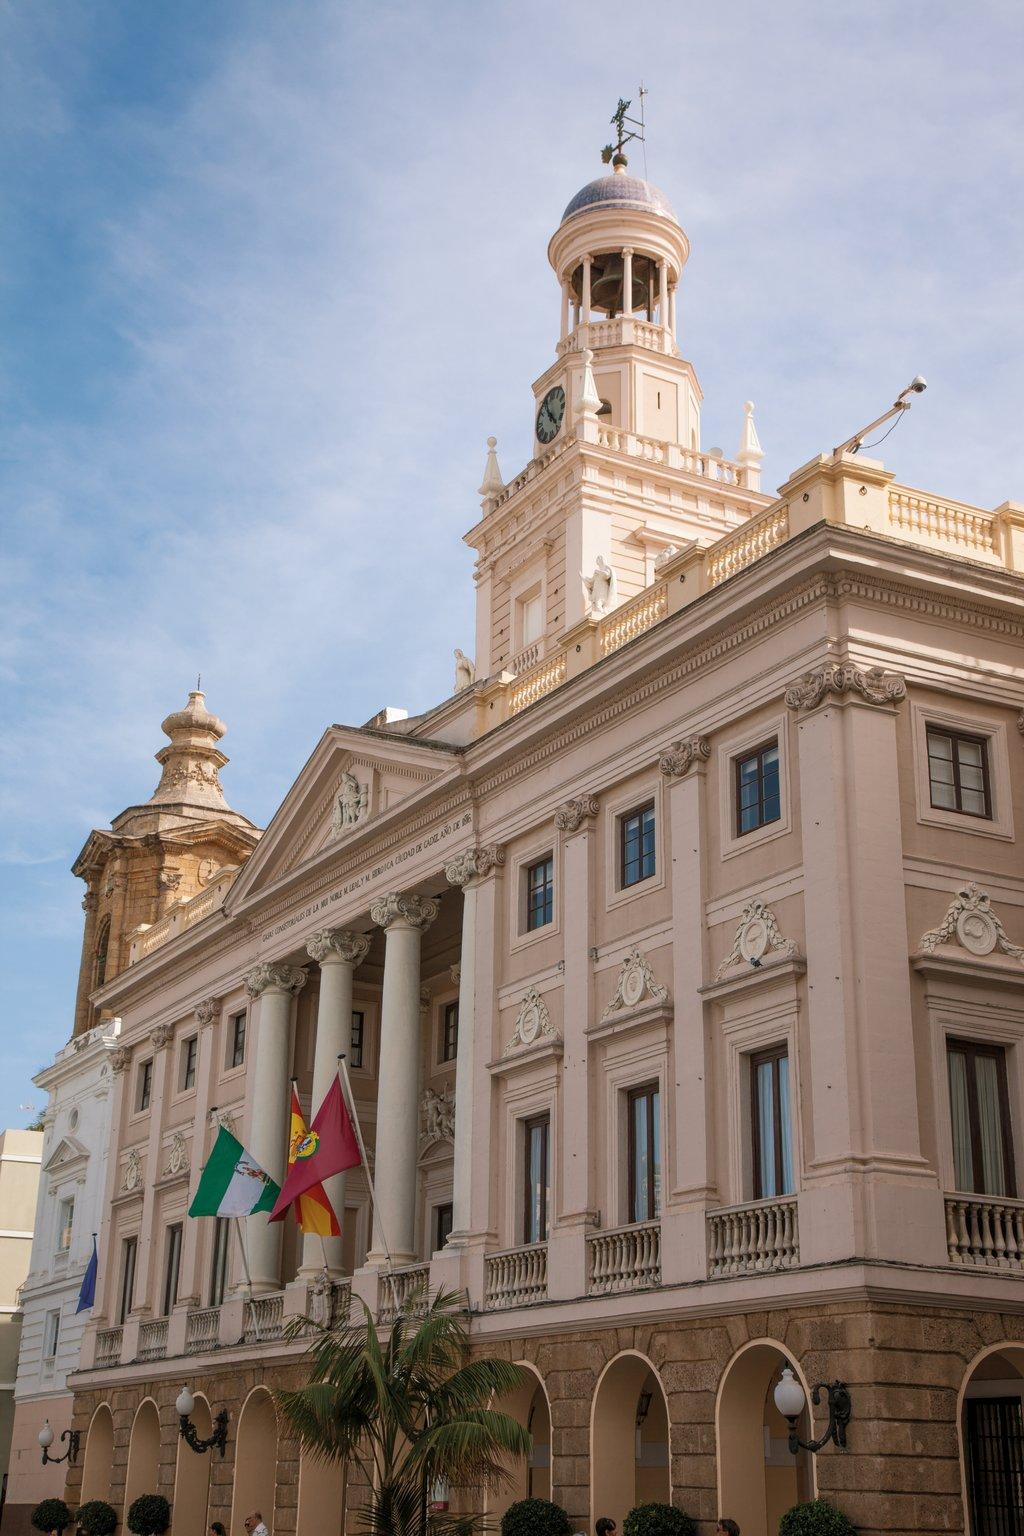 Mein Schiff Sehenswürdigkeit in Cádiz: Das Rathaus im neoklassizistischen Stil